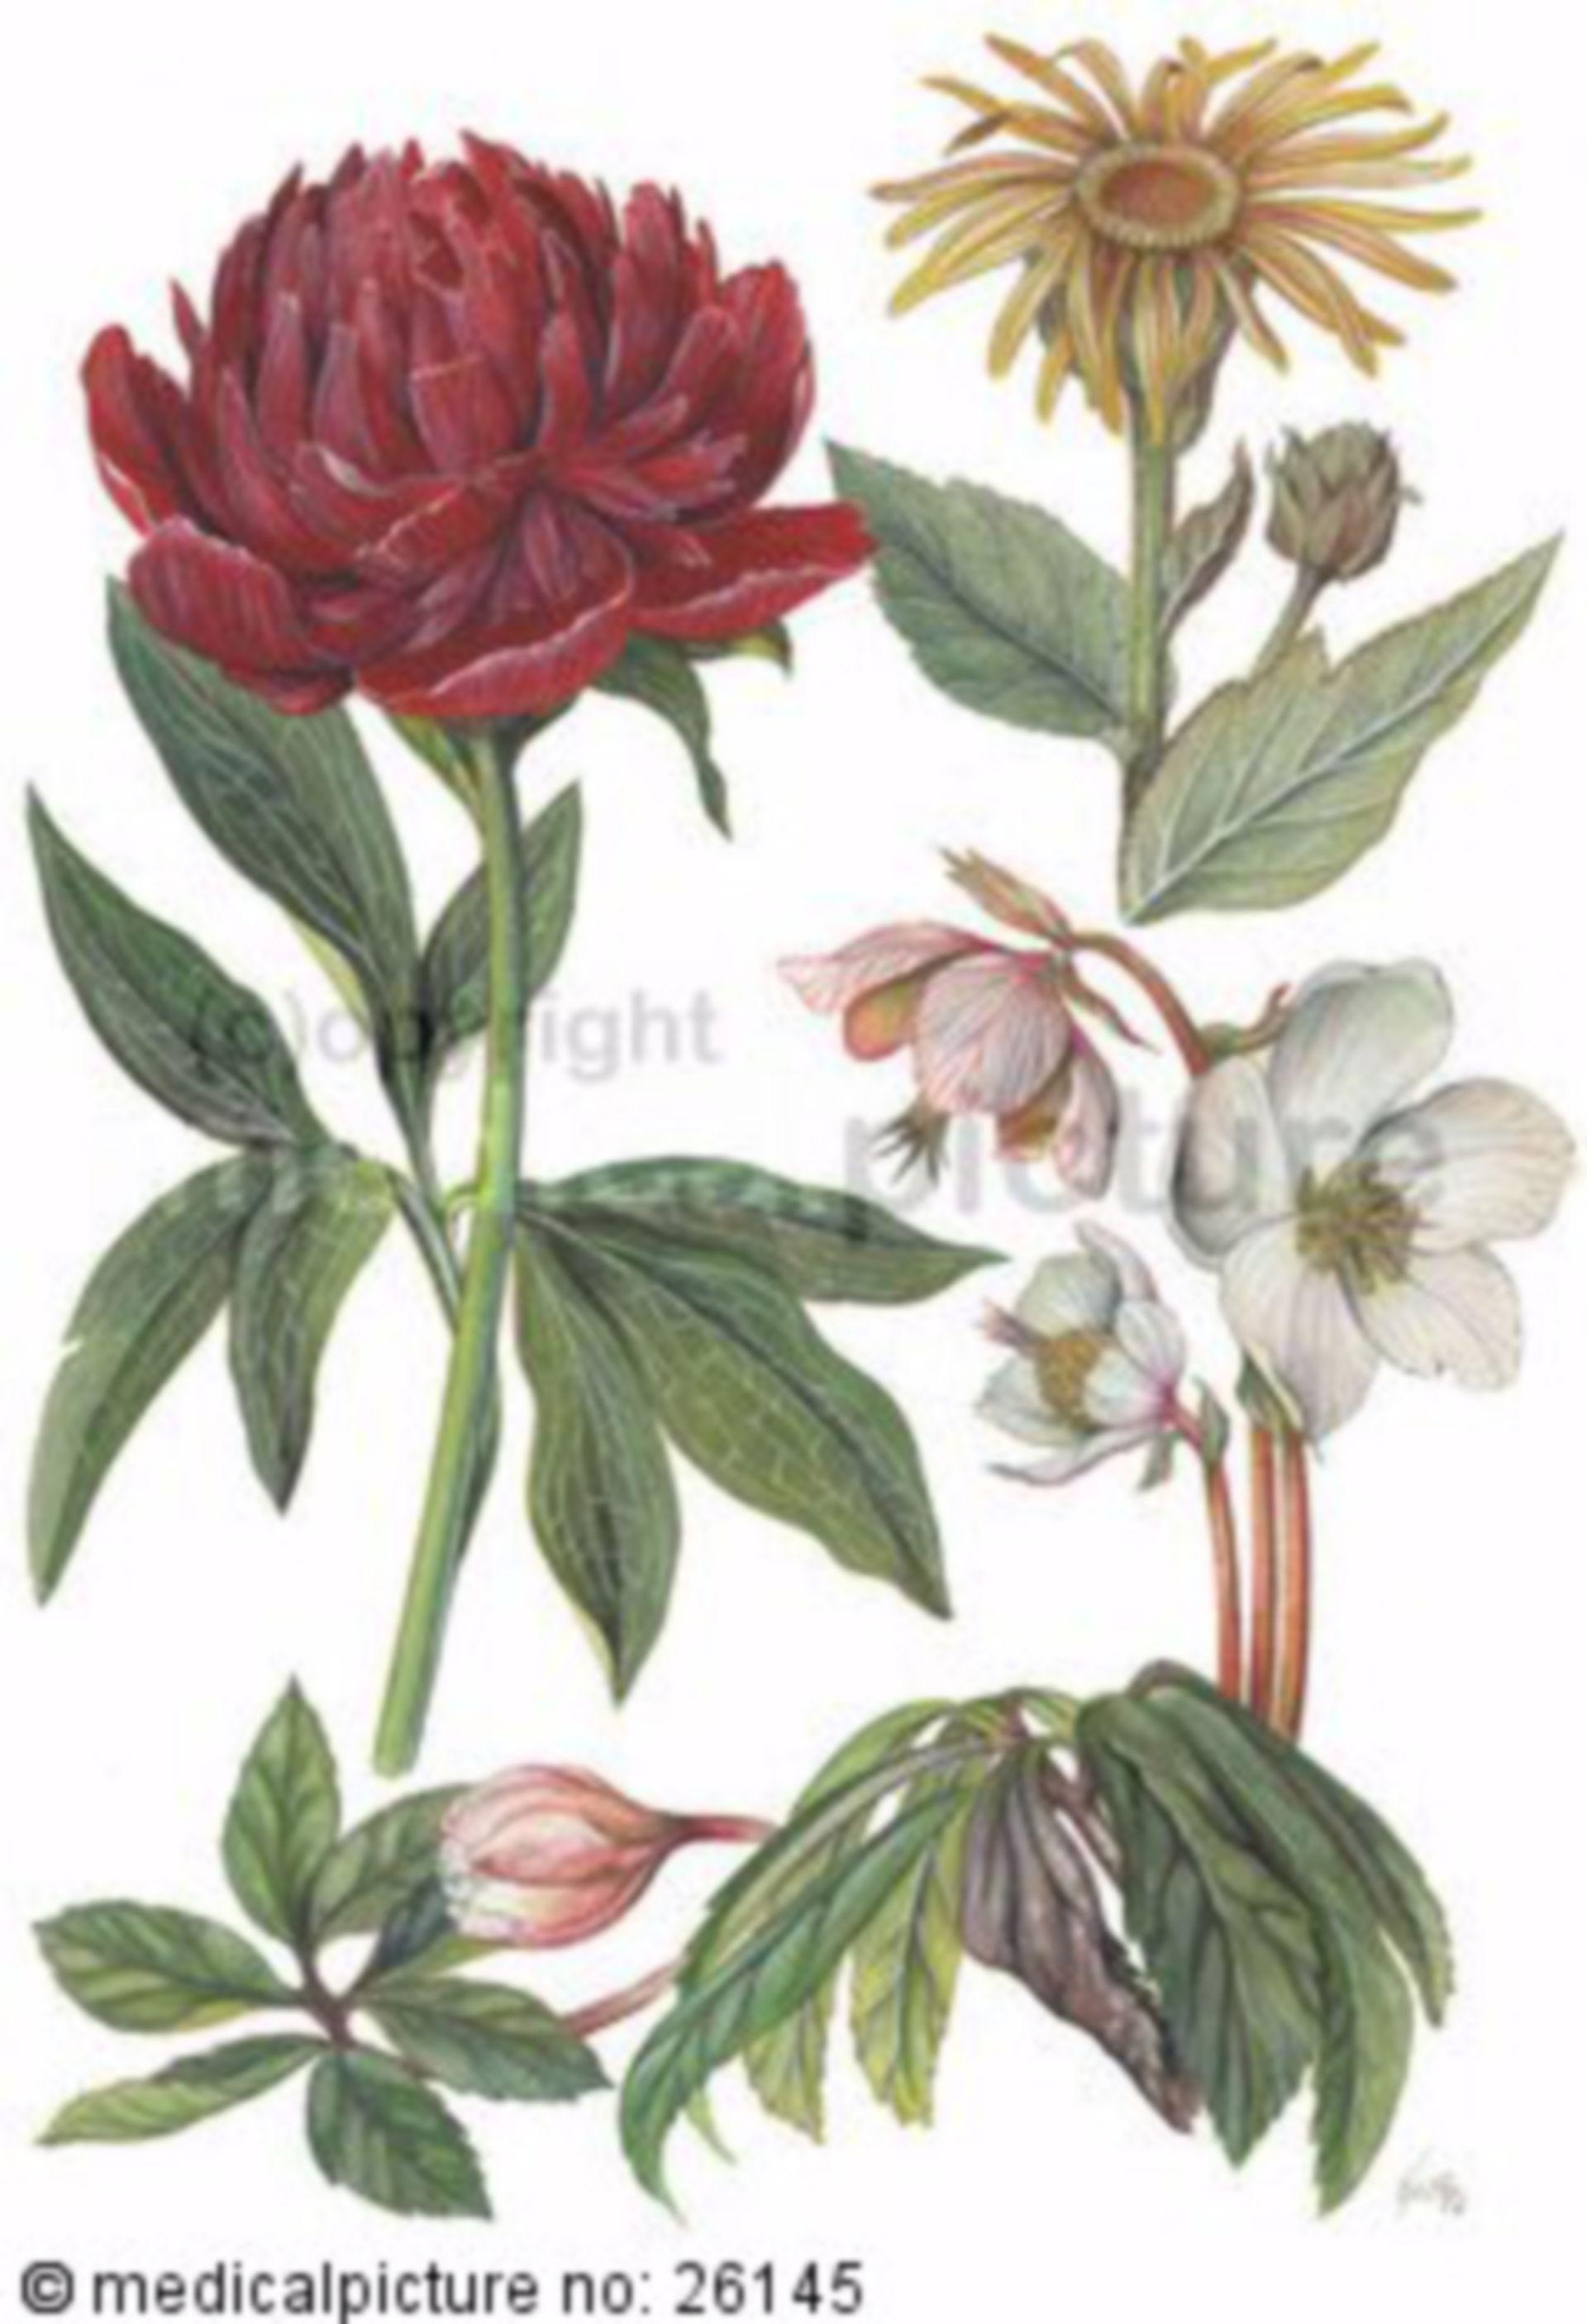 Pfingstrose, Alant, Christrose, peony, Christmas rose, elecampane